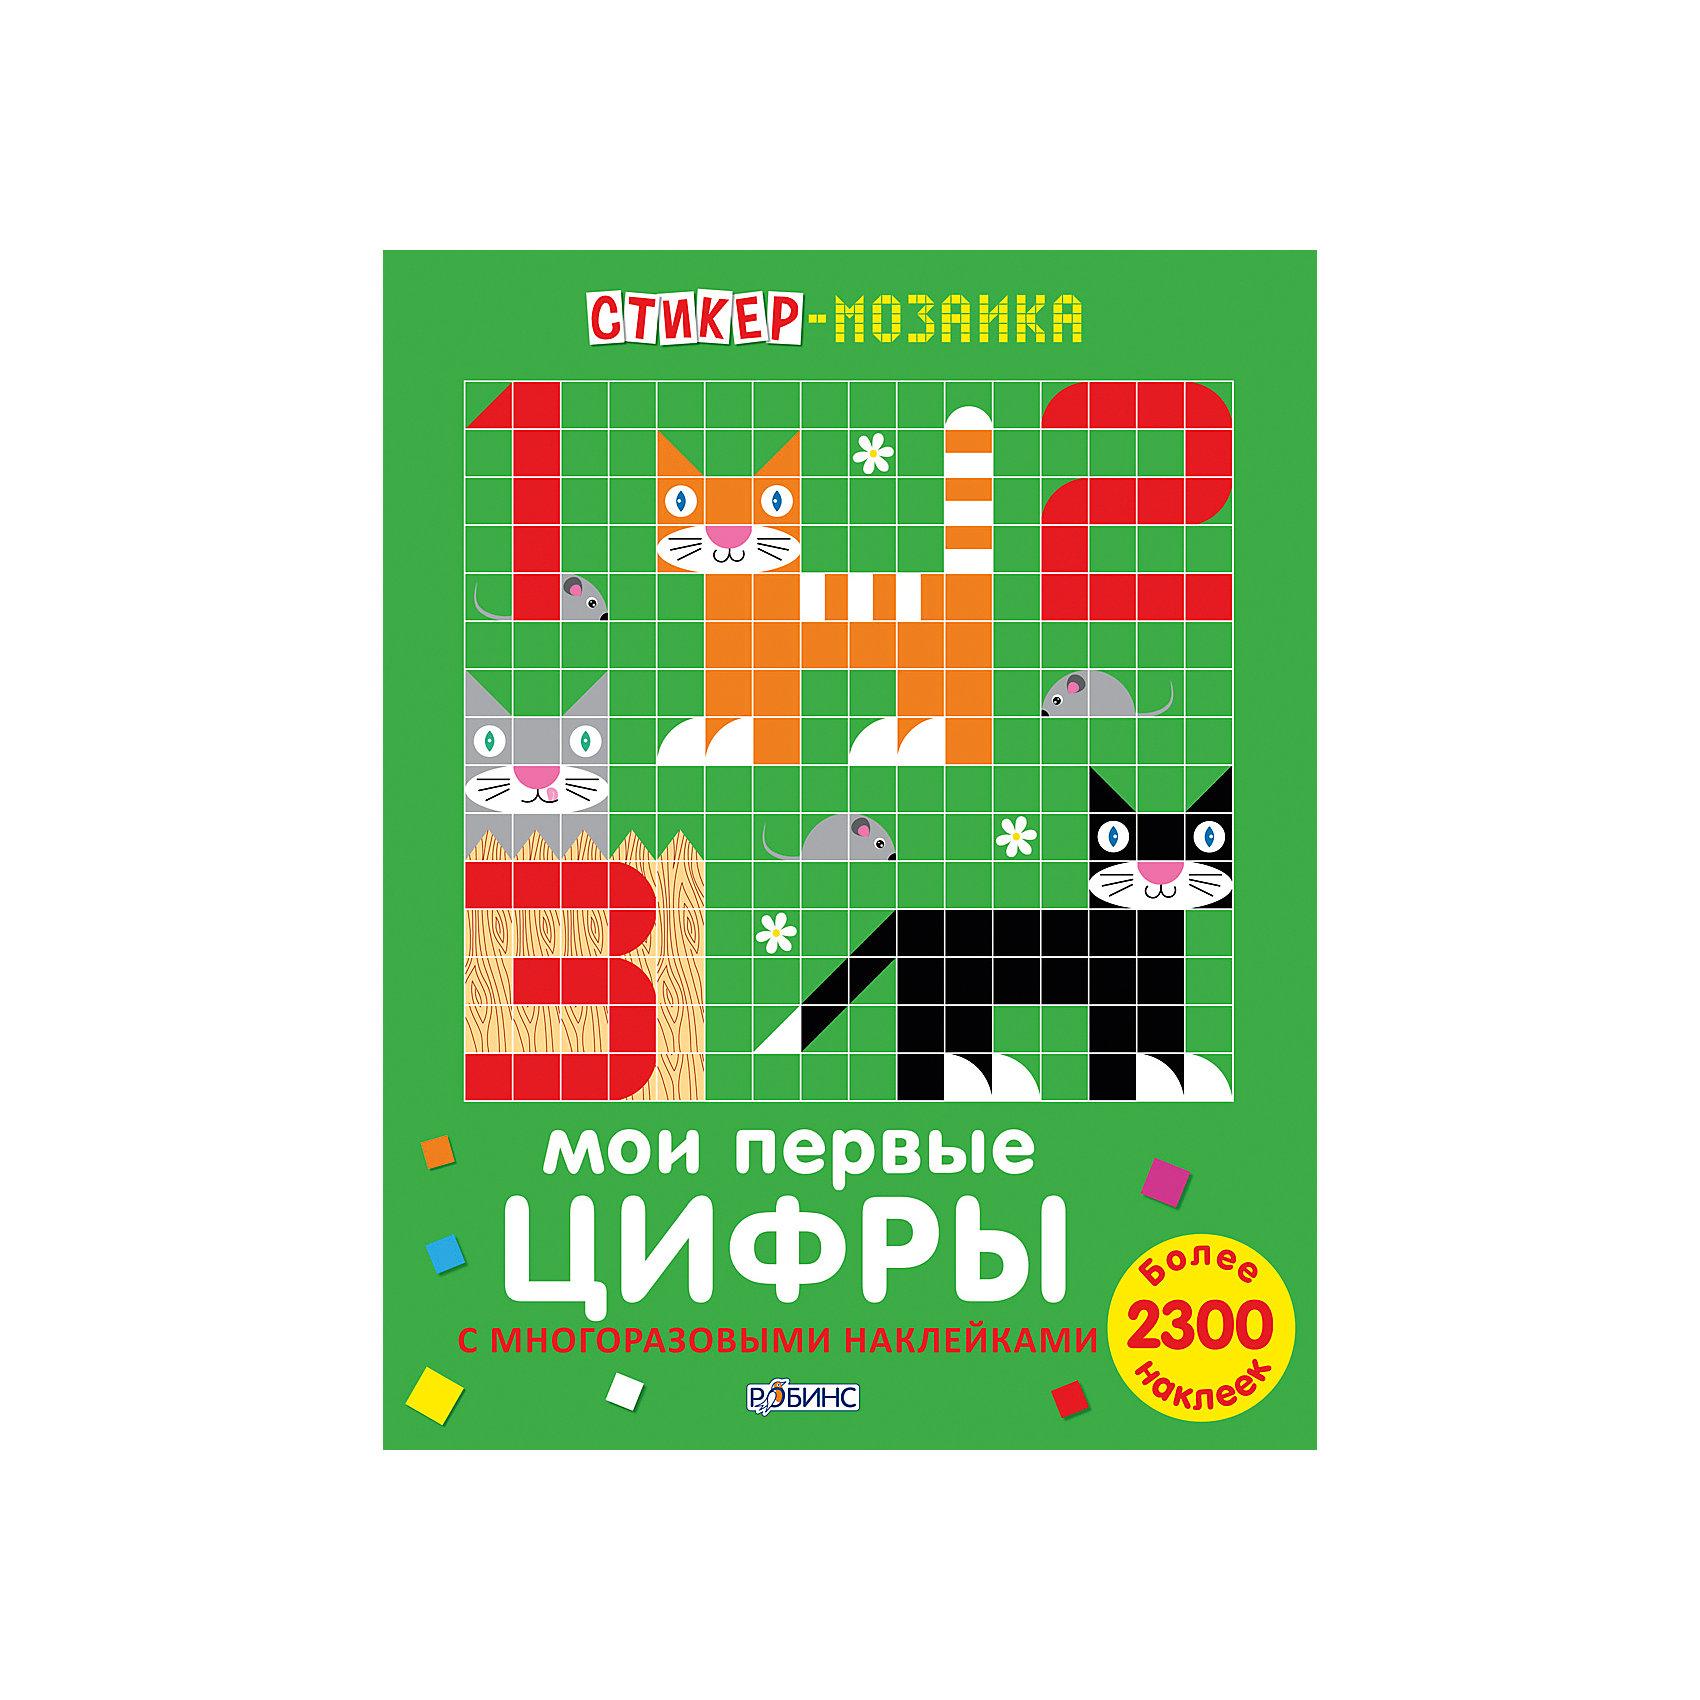 Стикер-мозаика Мои первые цифрыПособия для обучения счёту<br>Собираем мозаику, наклеиваем цифры и учимся считать!<br>«Стикер-мозаика. Мои первые цифры с наклейками» –  это уникальное игровое пособие для знакомства с цифрами и тренировки навыков счёта, изучения цветов и форм, а забавные картинки откроют ребёнку с миром животных.<br>Собирайте мозаику цифр и животных с помощью картинок-примеров, а на дополнительных разворотах вы можете проявить свою фантазию и придумать своё животное. Не бойтесь экспериментировать: ламинированные страницы и многоразовые наклейки позволяют вам создавать картинки снова и снова.<br>Составление мозаики из мелких деталей тренирует координацию движений пальчиков руки, а это напрямую влияет на активное развитие речи, развиваются самостоятельность в принятии решений, пространственная ориентация, абстрактное мышление и художественный вкус.<br><br>Дополнительная информация:<br><br>- Формат: 21,5х28 см.<br>- Количество страниц: 36.<br>- Переплет: мягкий.<br>- Иллюстрации: цветные.<br>- 12 листов с яркими рисунками.<br>- Более 2300 наклеек.<br>- Комплектация: красочные картинки-образцы мозаик; ламинированное поле для составления мозаики; многоразовые наклейки по формам и цветам, а также наклейки с глазками, мордочками и лапками;<br>дополнительные развороты для творчества с новыми животными и наклейками для них.<br><br>Стикер-мозаику Мои первые цифры можно купить в нашем магазине.<br><br>Ширина мм: 278<br>Глубина мм: 215<br>Высота мм: 4<br>Вес г: 240<br>Возраст от месяцев: 36<br>Возраст до месяцев: 60<br>Пол: Унисекс<br>Возраст: Детский<br>SKU: 4545593